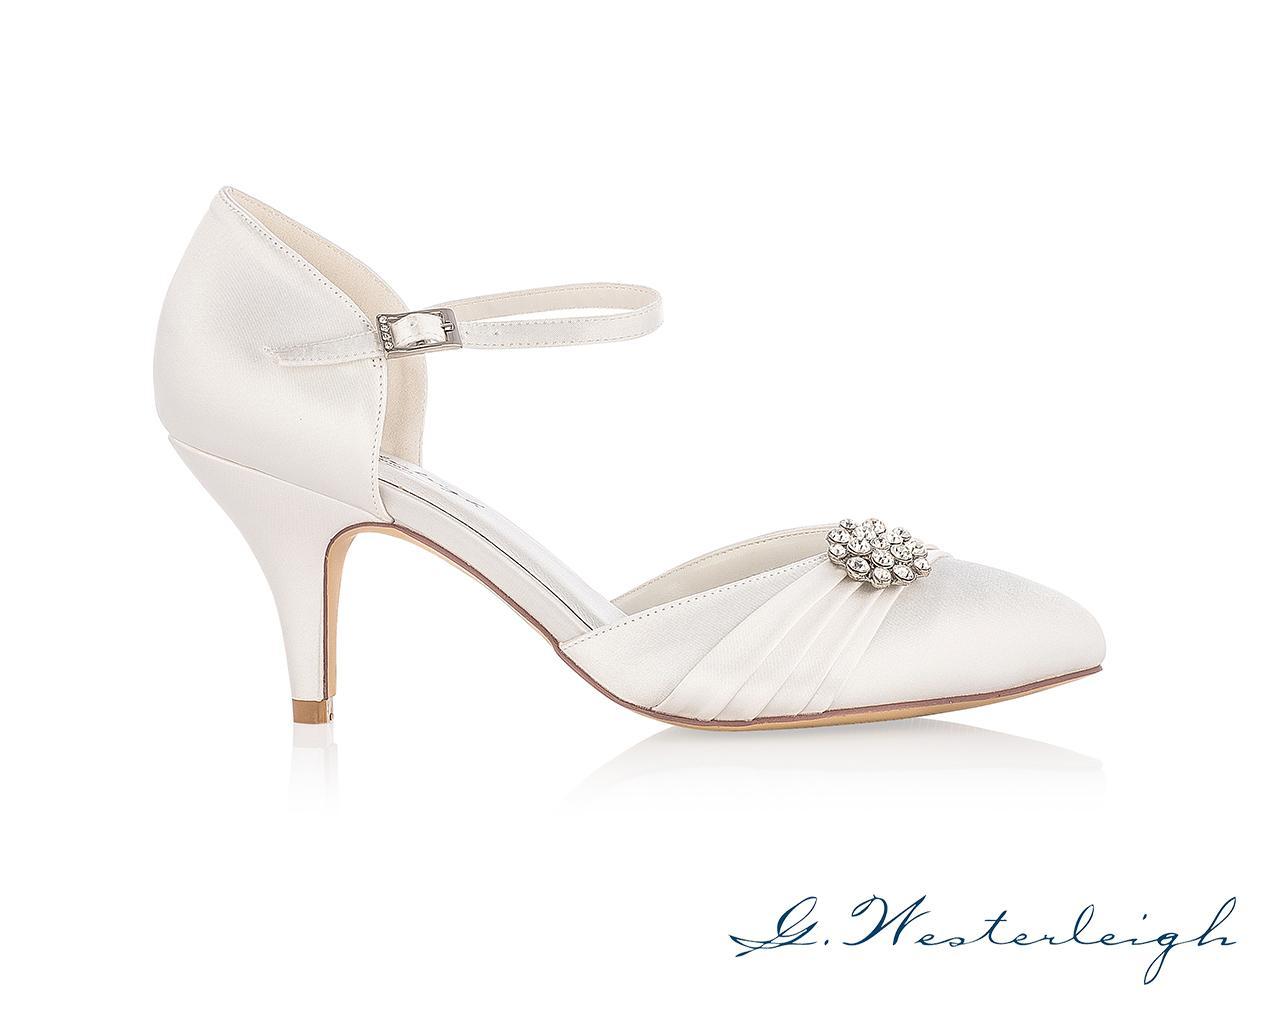 Svadobné topánky Abigail - Obrázok č. 2